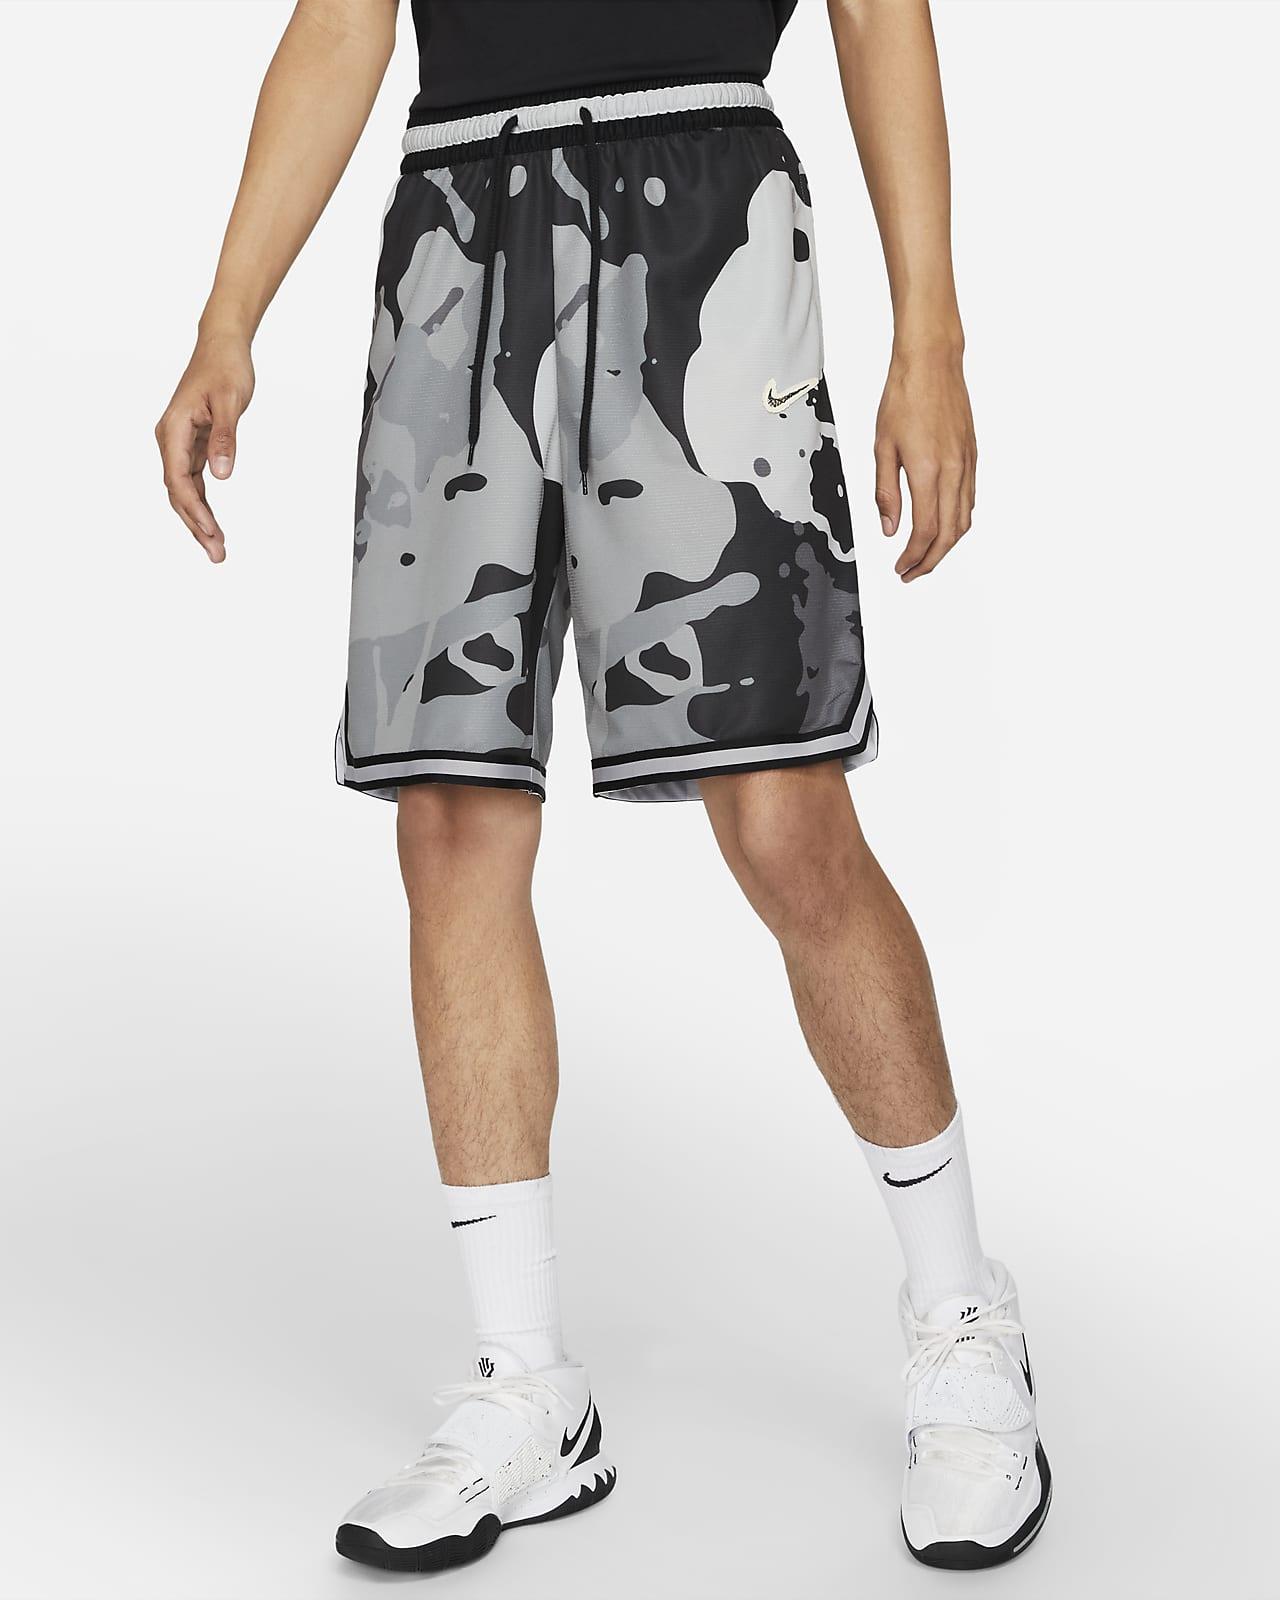 Shorts para hombre Nike Dri-FIT DNA